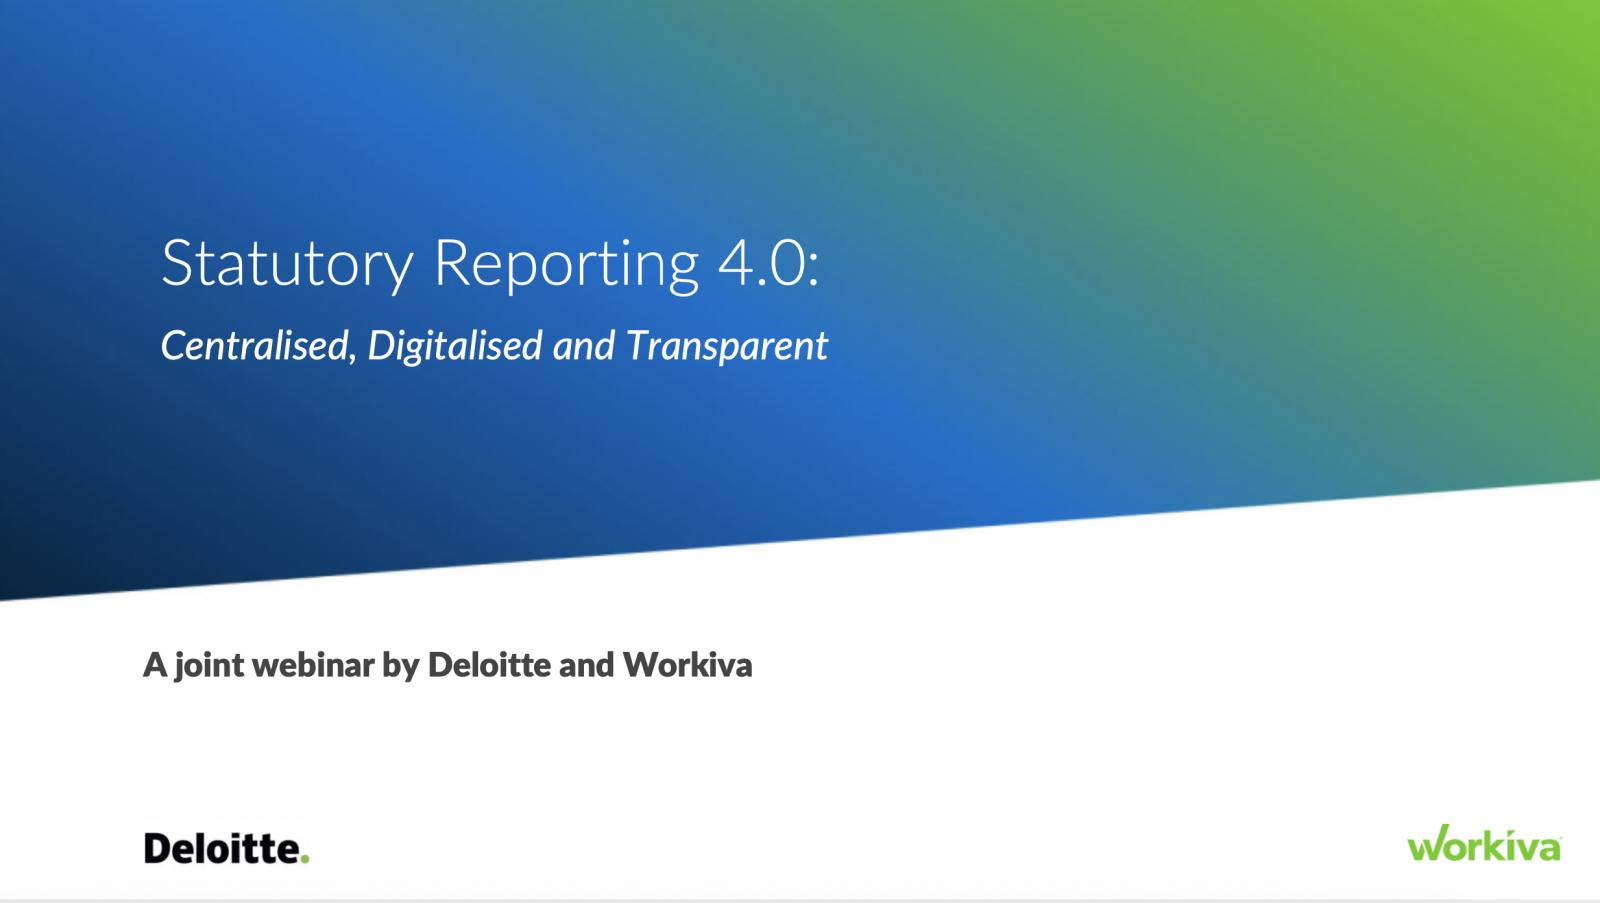 Statutory Reporting 4.0